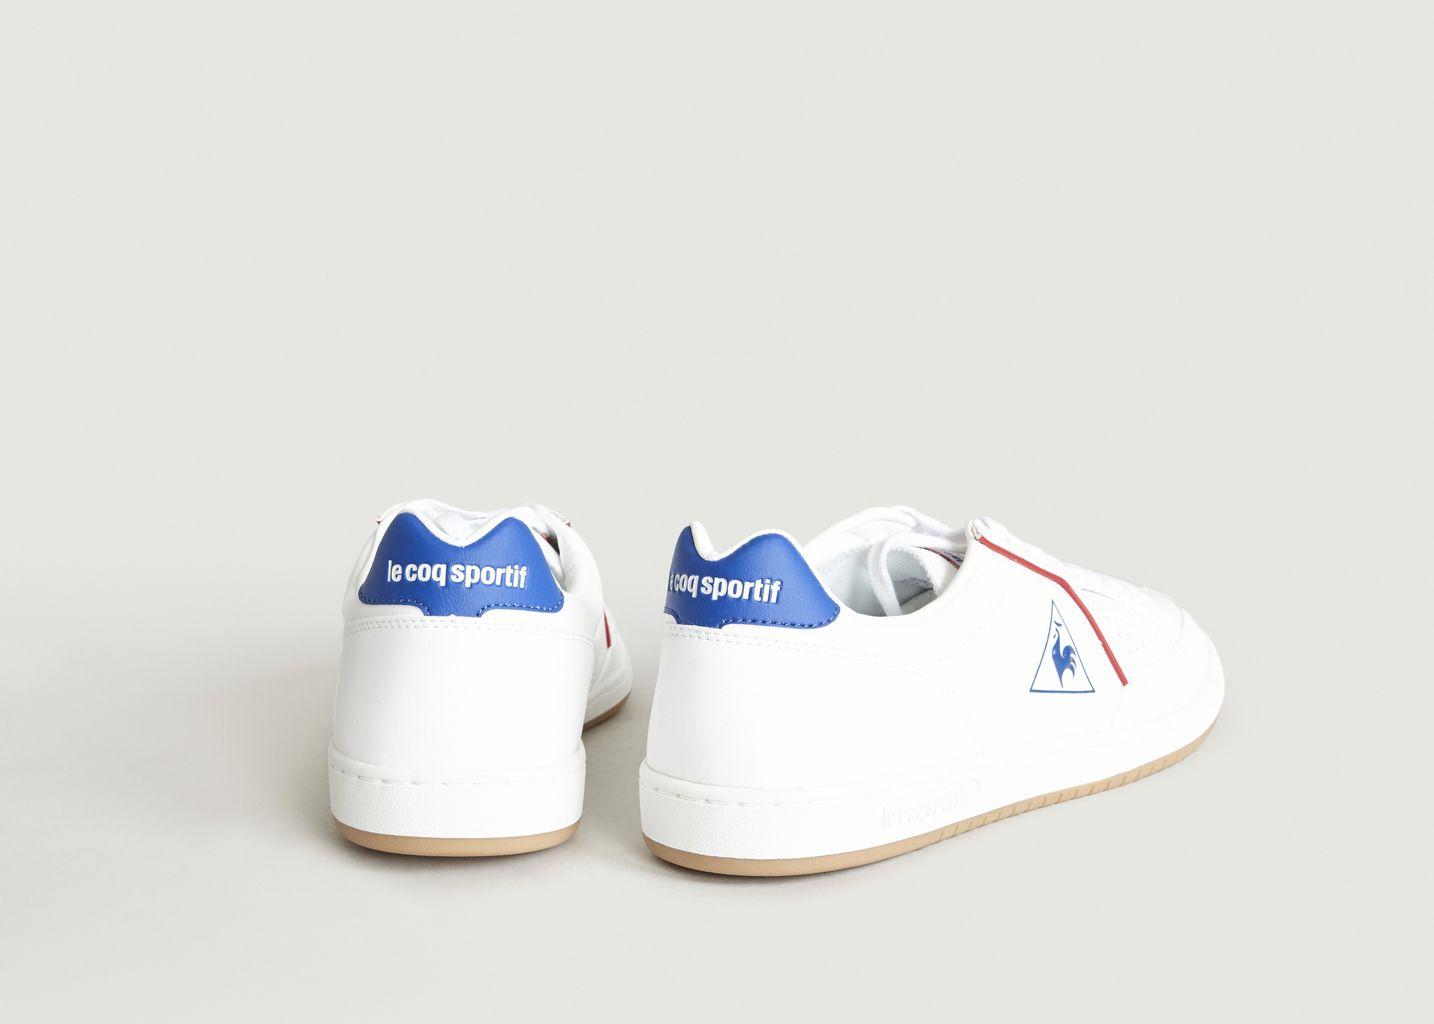 Lea L'exception Sportif Coq Le Sneakers Blanc Gum Icons Sport gUSwTfq5